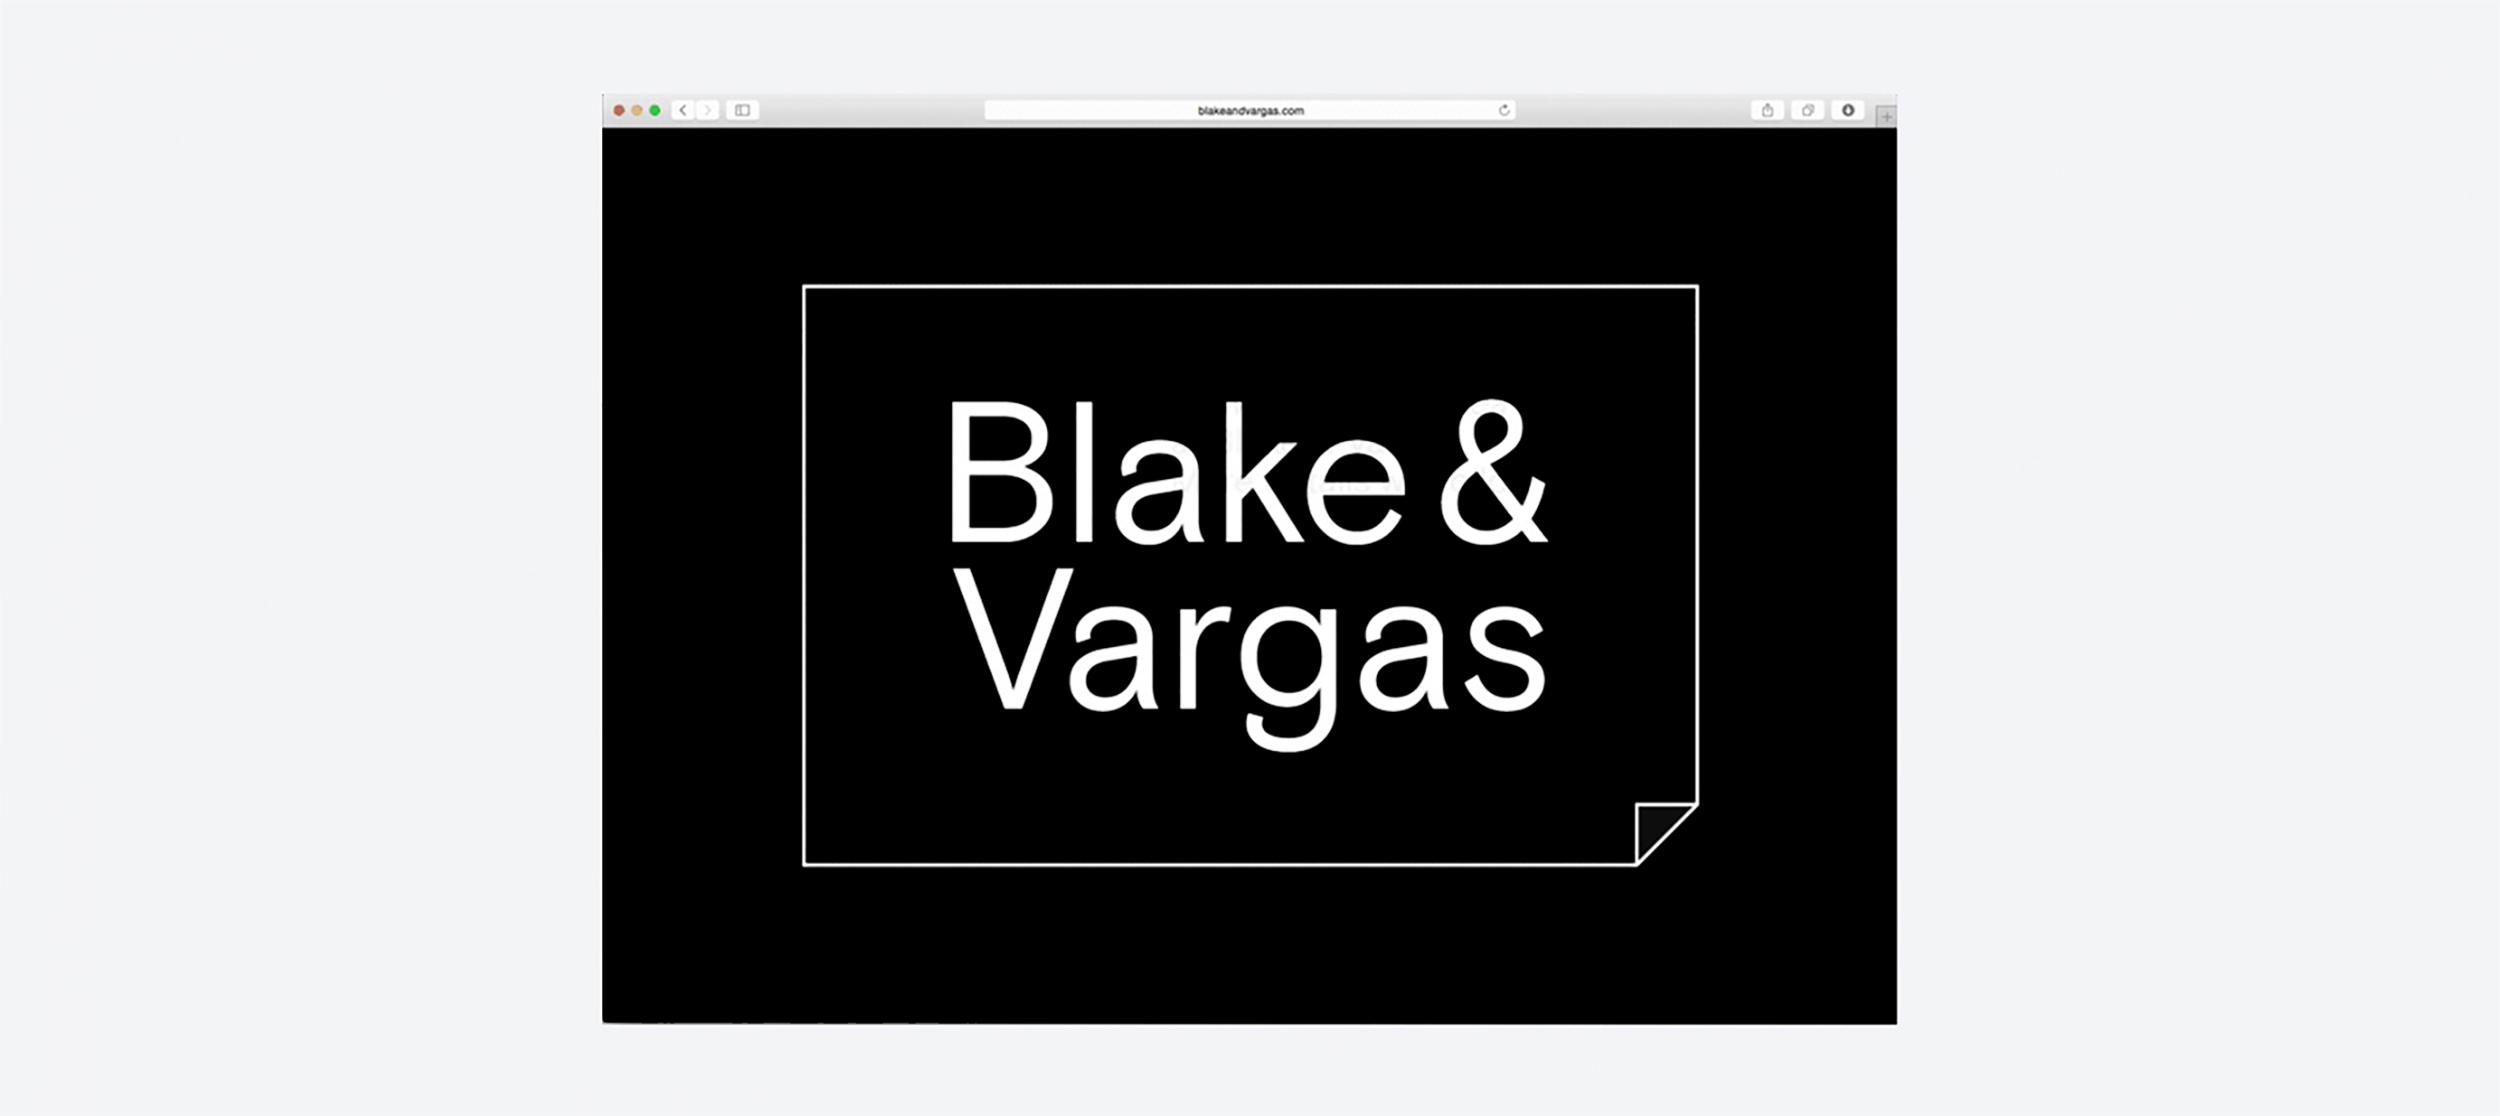 Studio Last - Blake & Vargas – Website